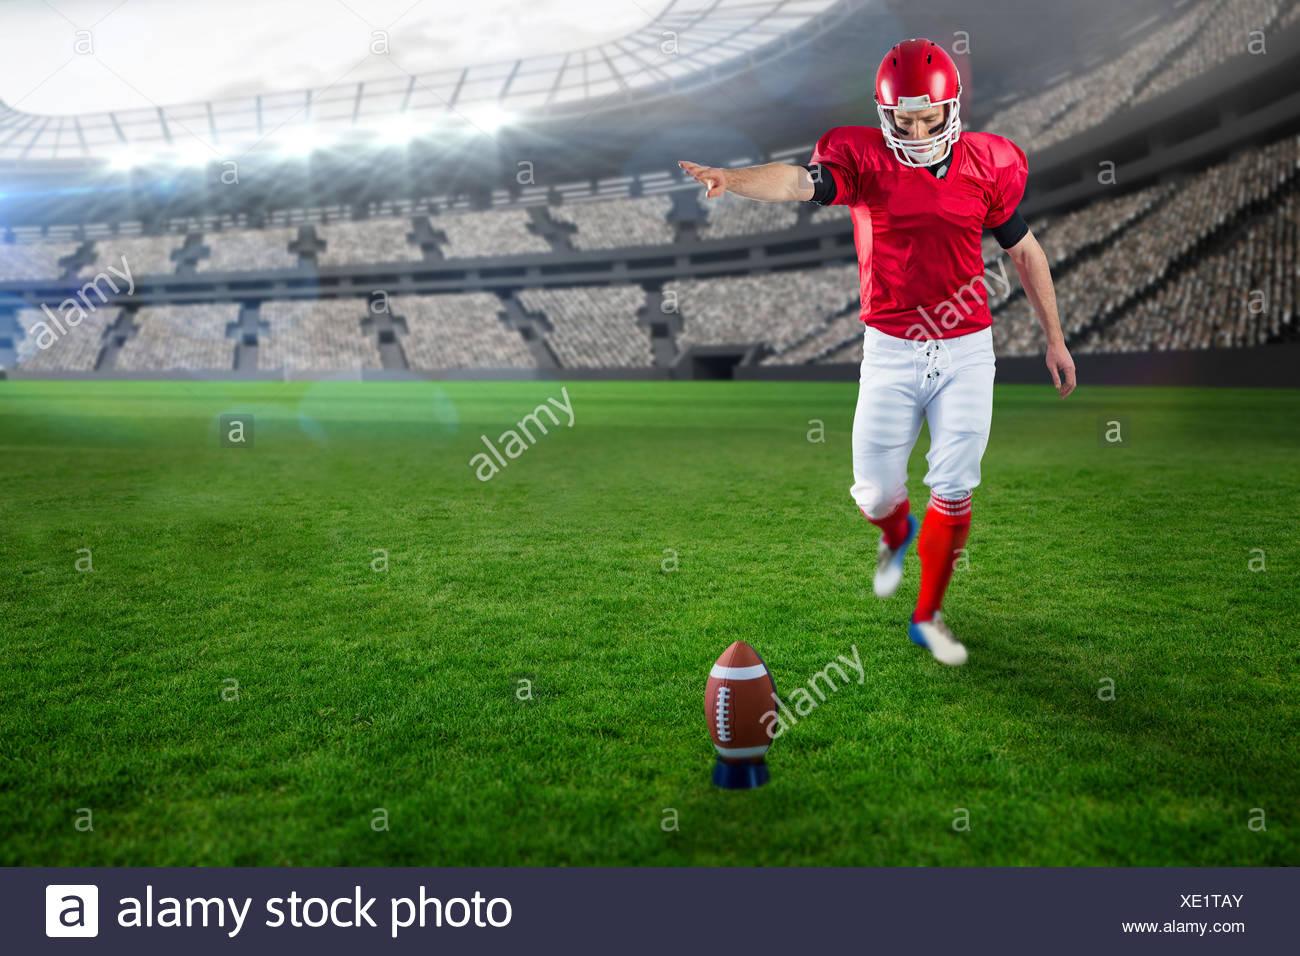 Imagen compuesta de jugador de fútbol americano fútbol patadas Imagen De Stock